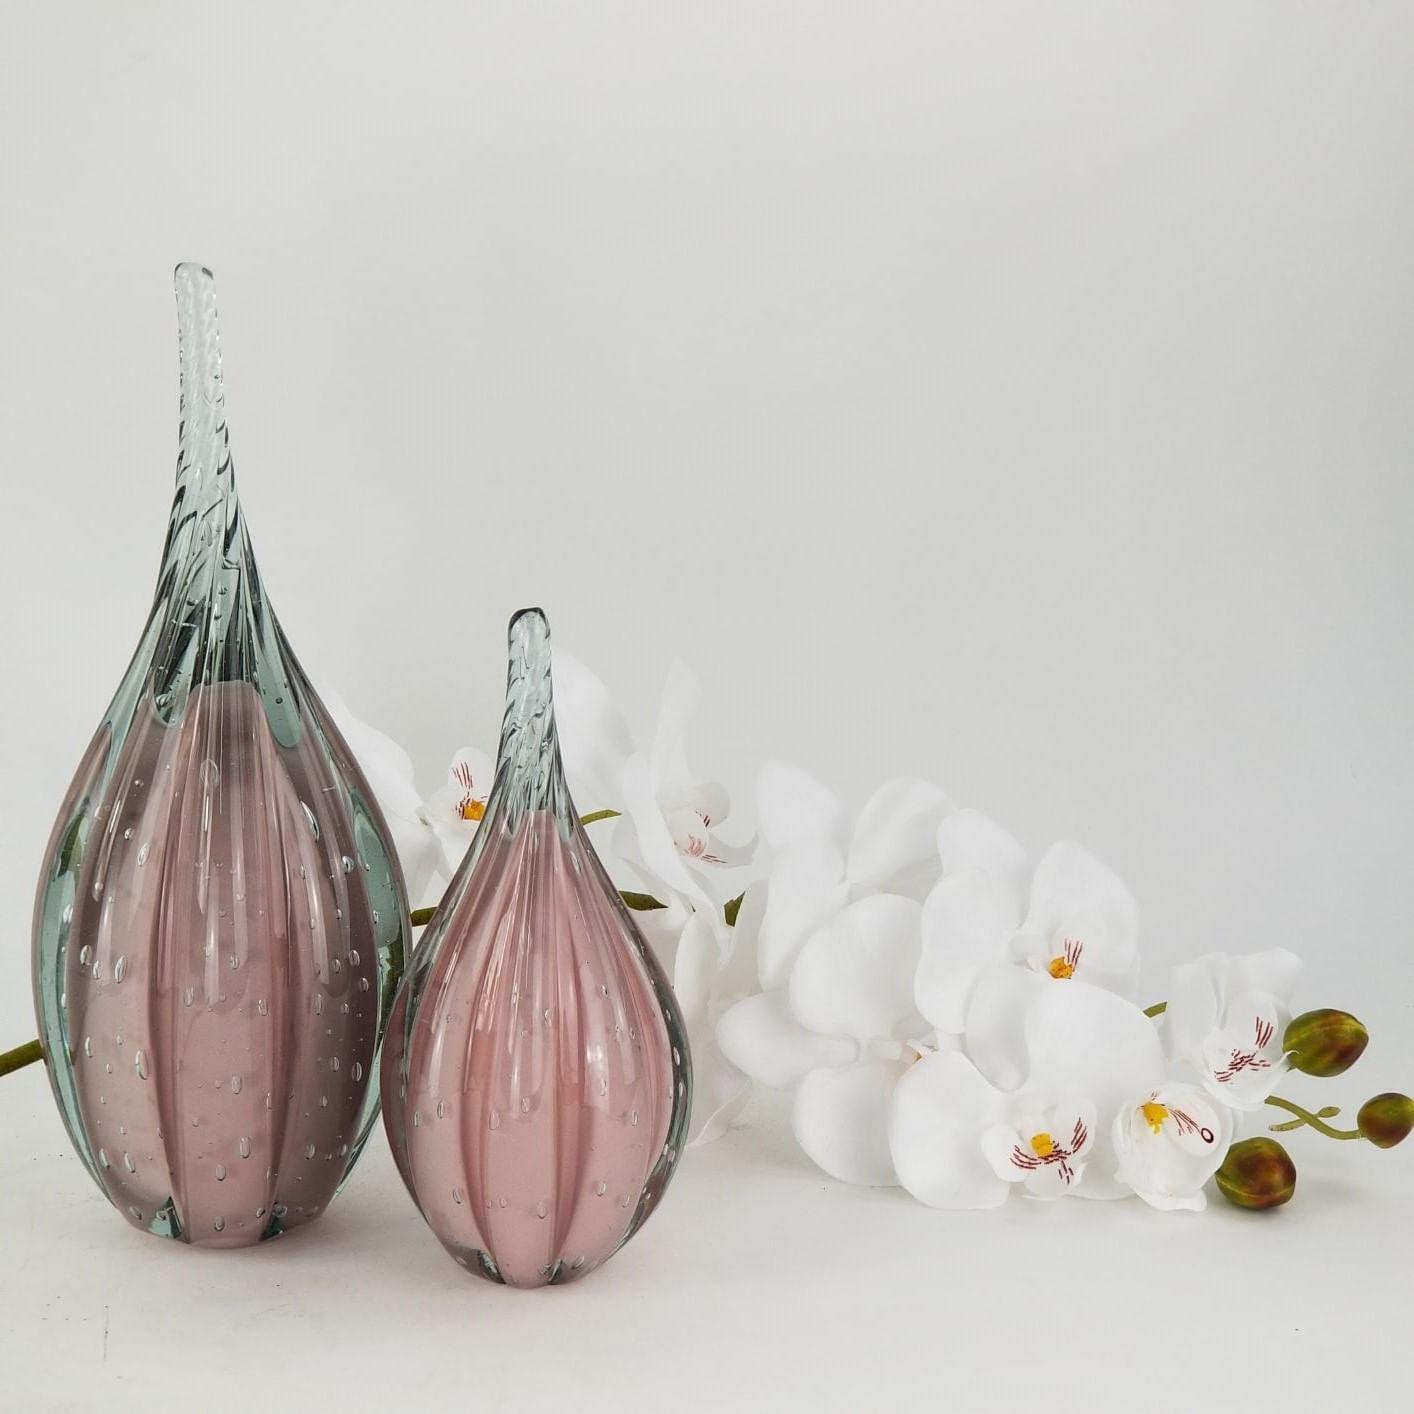 Gota de Vidro Torcido Tipo Murano JR Glass - Rosa Pequena